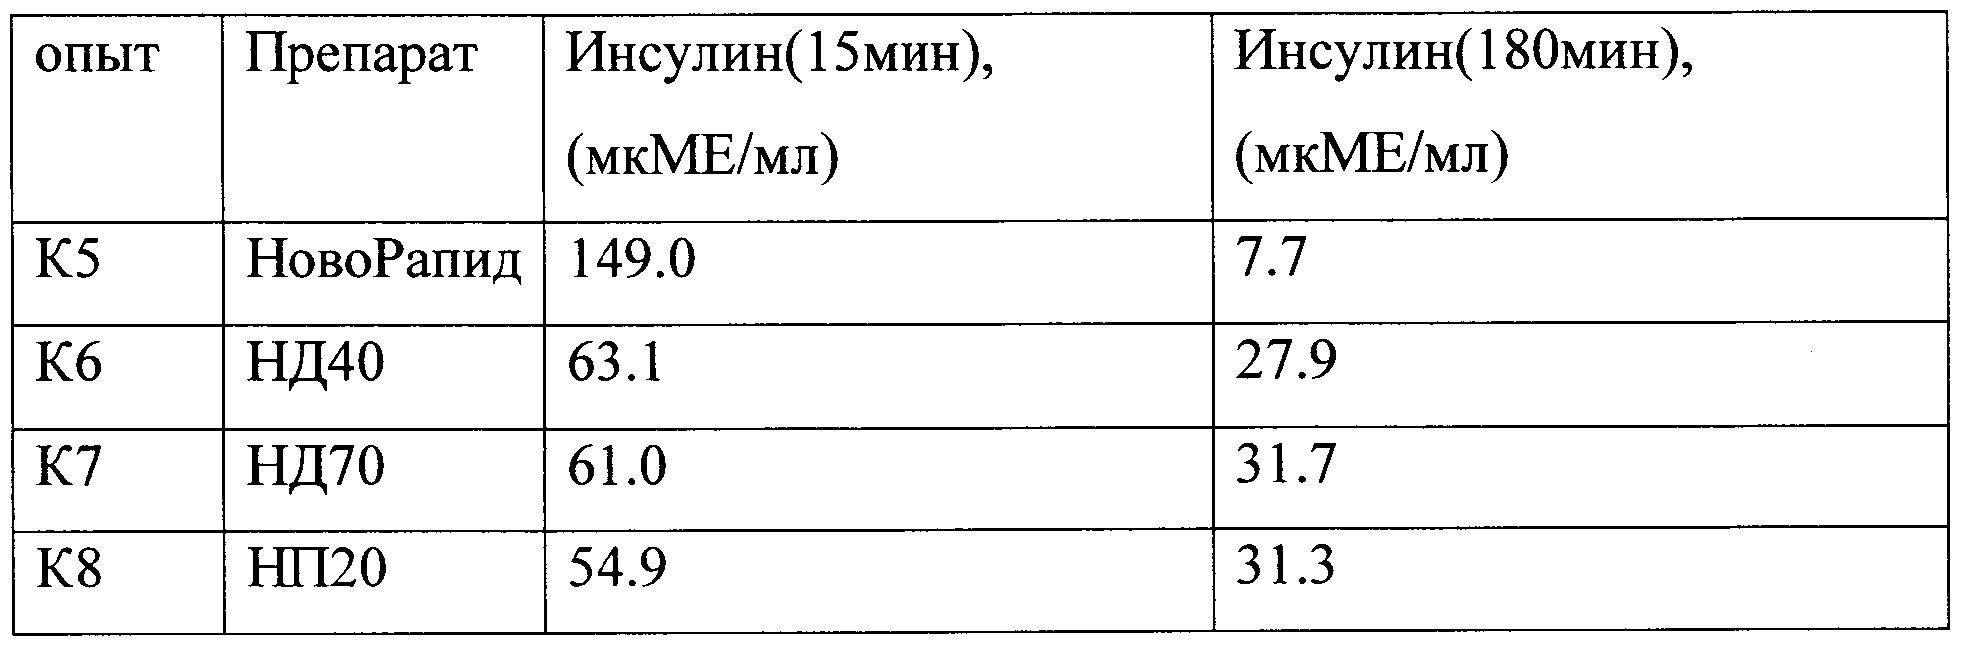 WO2015178806A1 - Инсулинсодержащий препарат пролонгированного ...